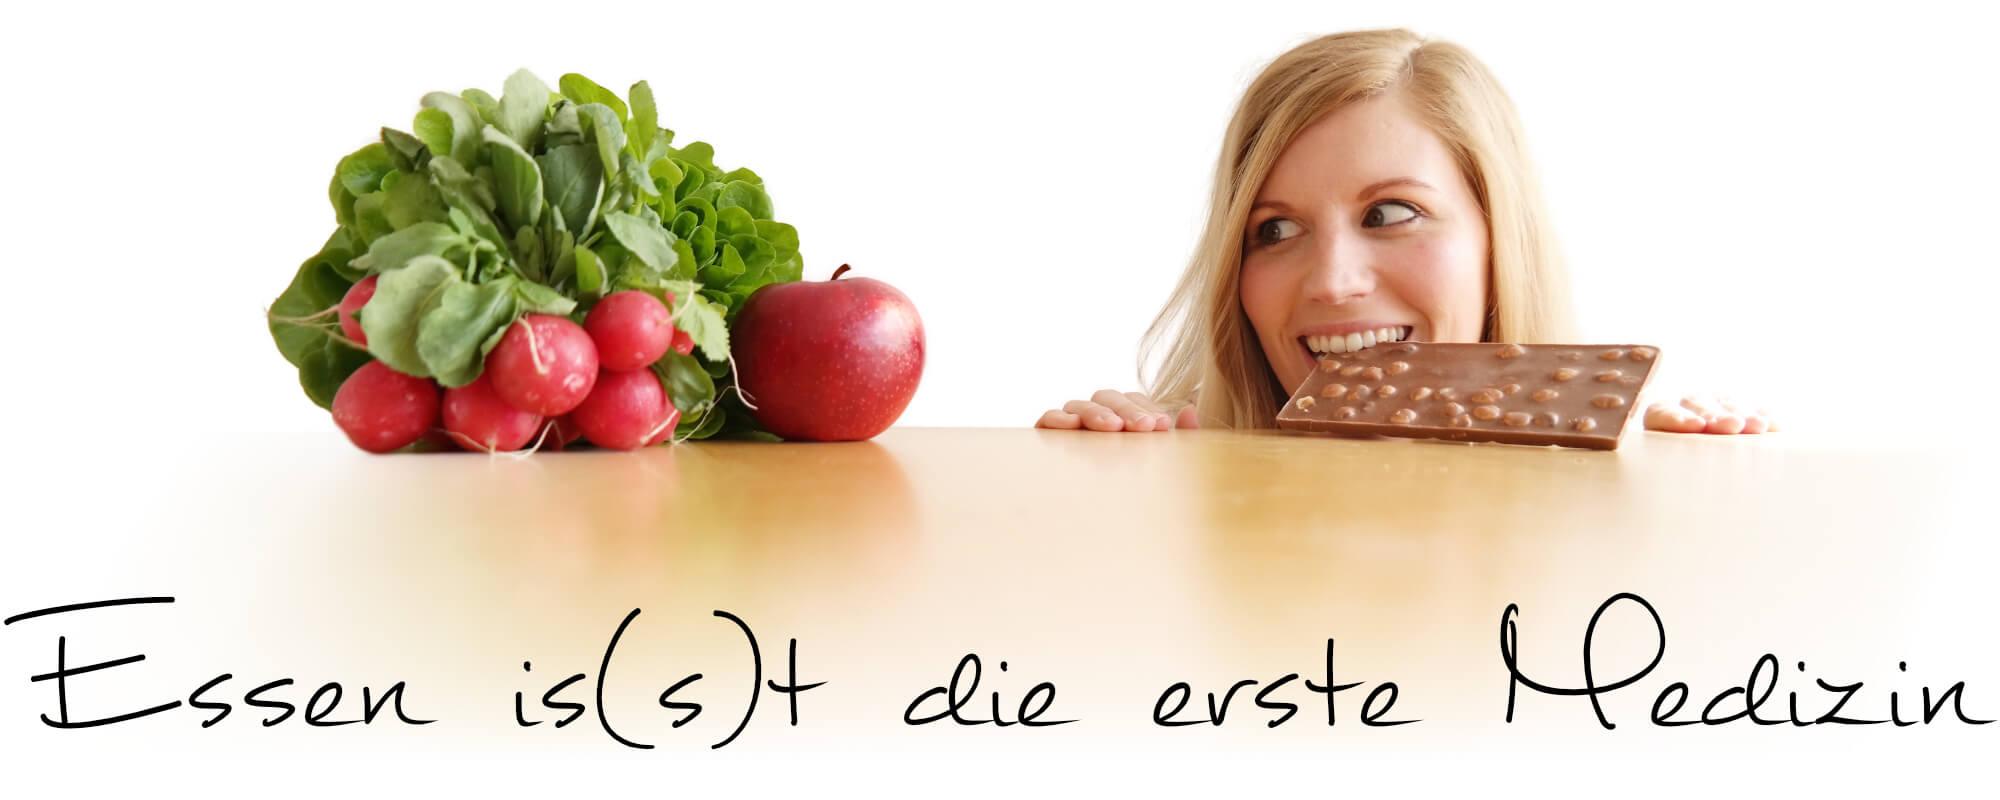 Petra_mit_Apfel_und_Schokolade_Slogan_skaliert